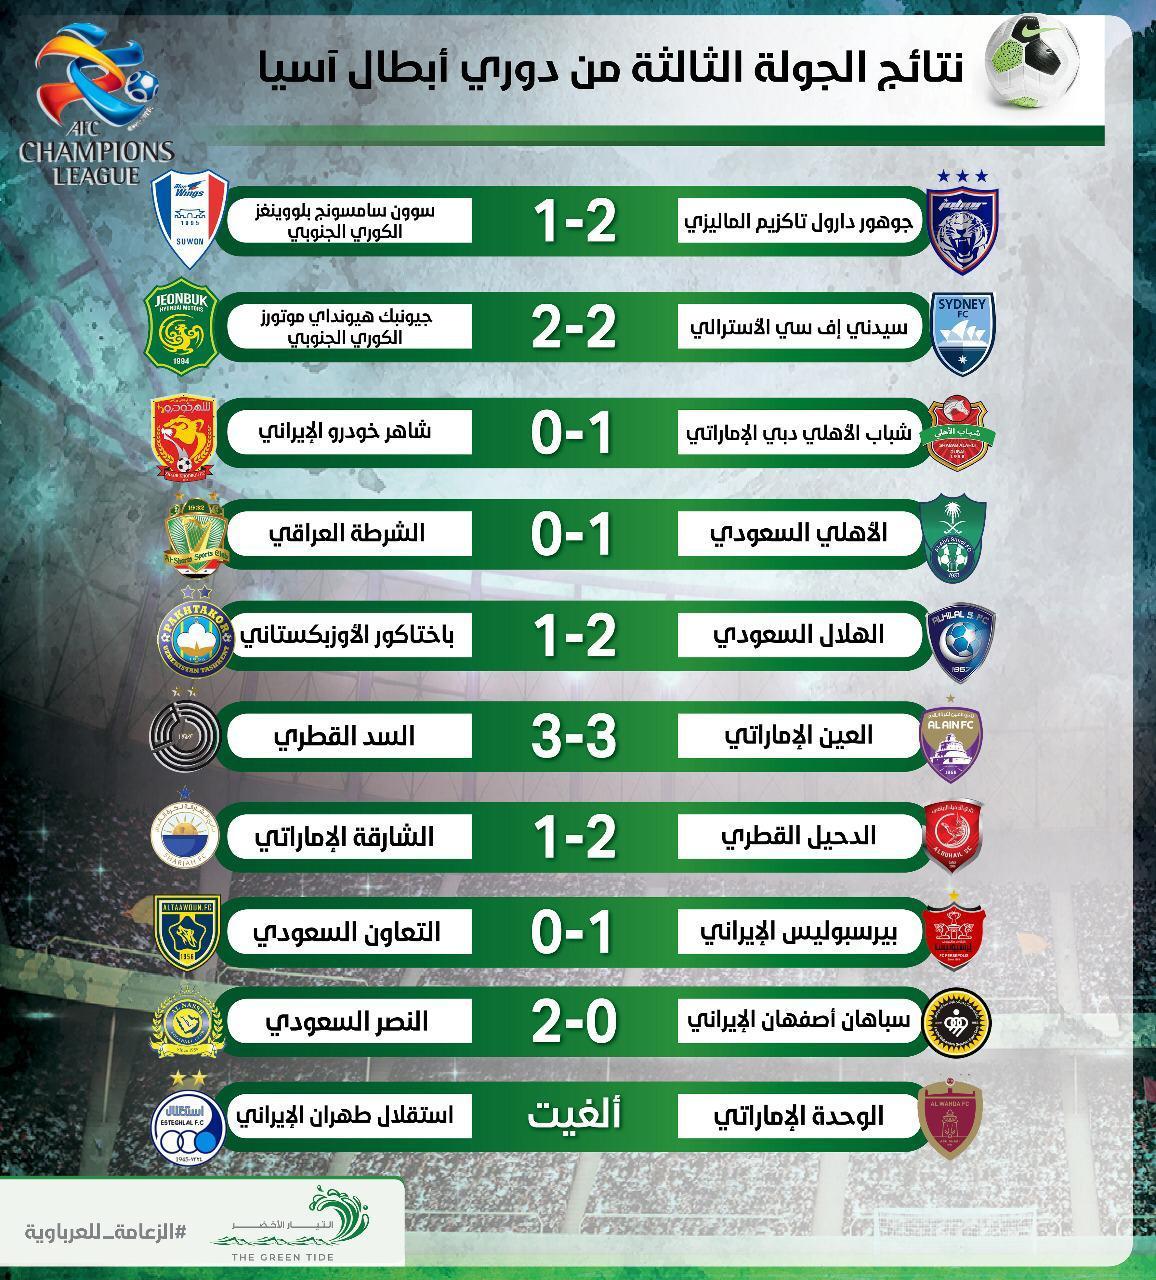 نتائج الجولة الثالثة من دوري أبطال أسيا